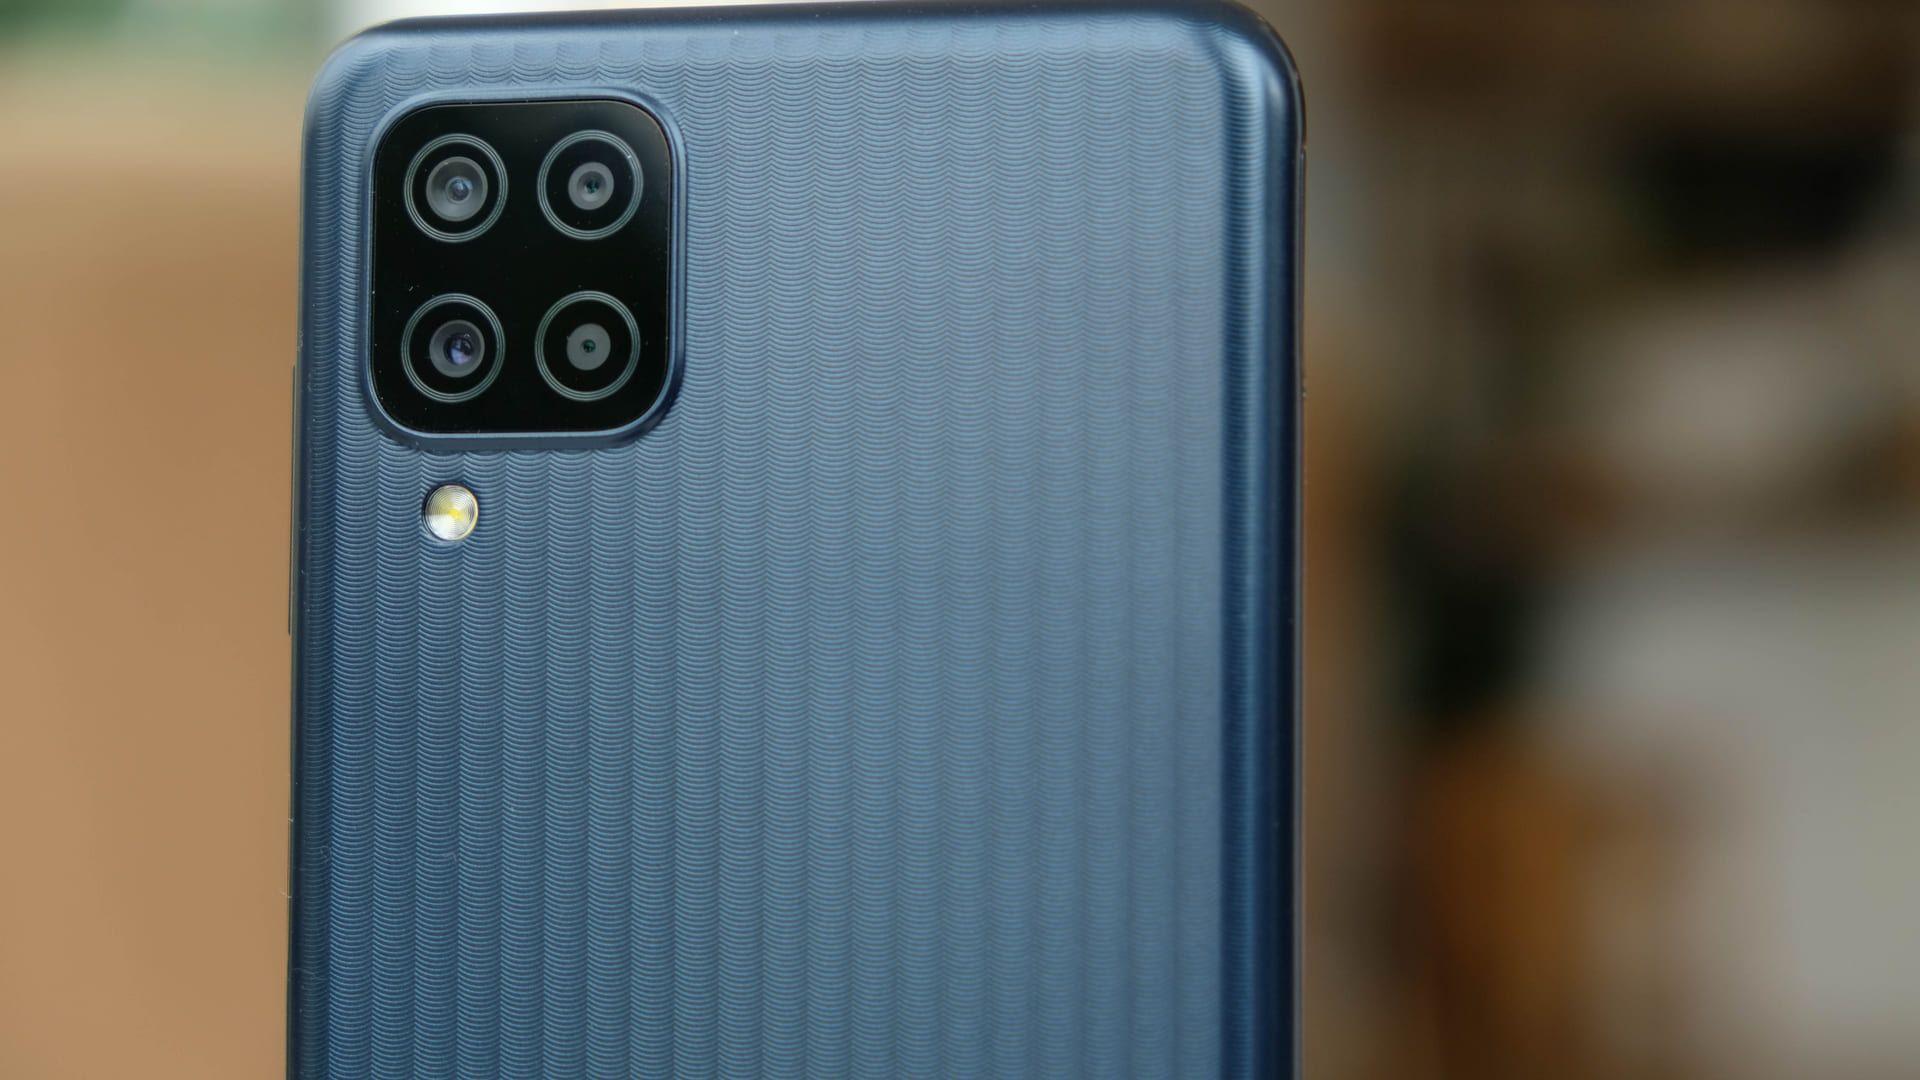 Parte traseira do Galaxy M12, um celular da linha Samsung Galaxy M